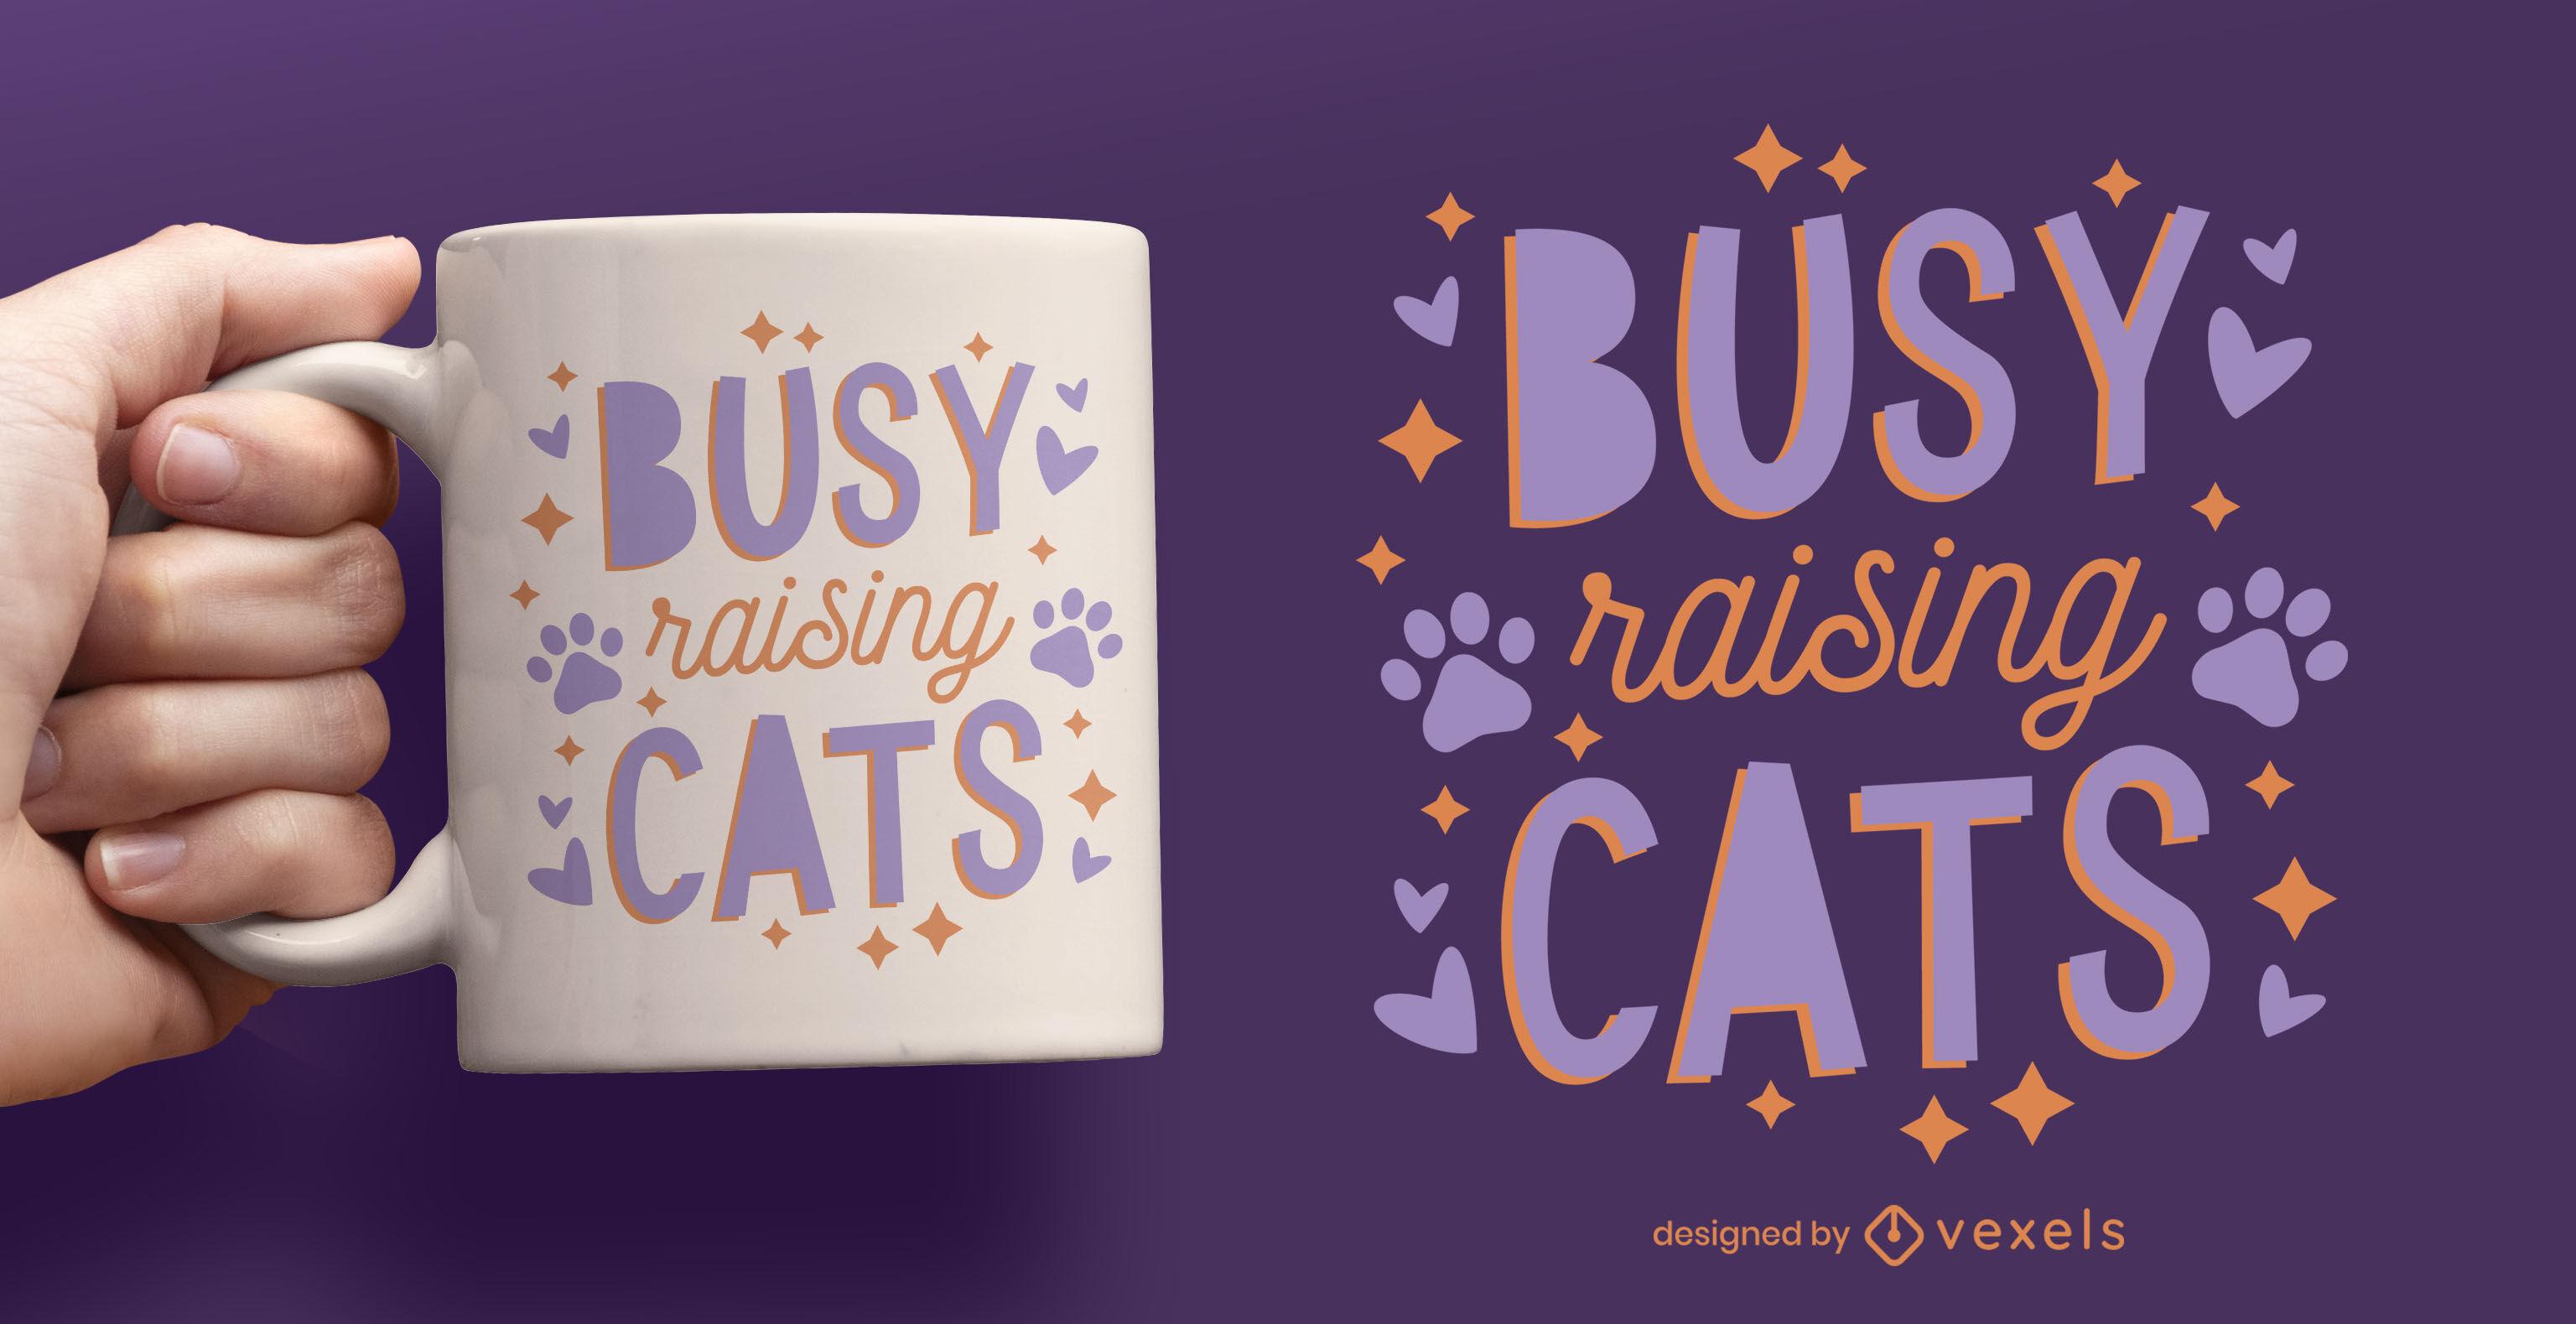 Beschäftigt, Katzen aufzuziehen, zitieren Tassendesign